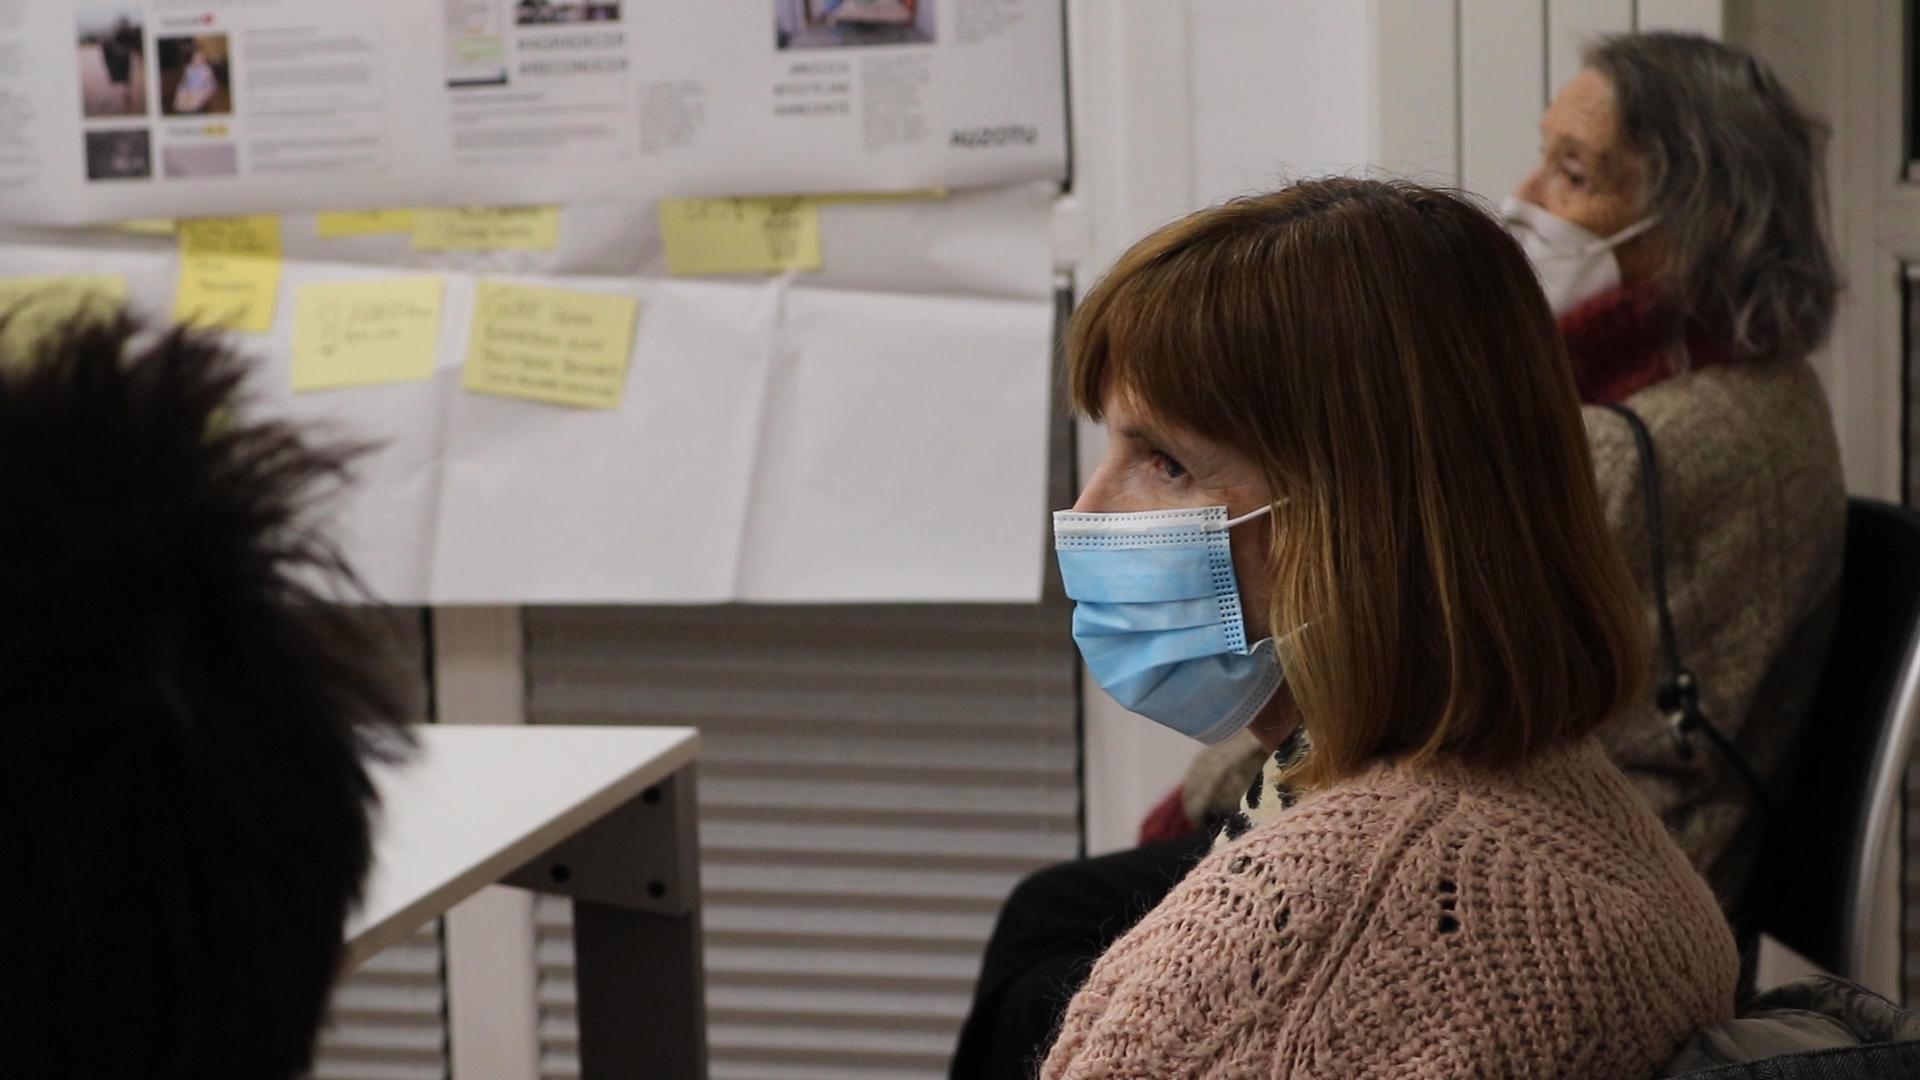 Perfil de una de las participantes con mascarilla en el taller de exploración de Saiaz.